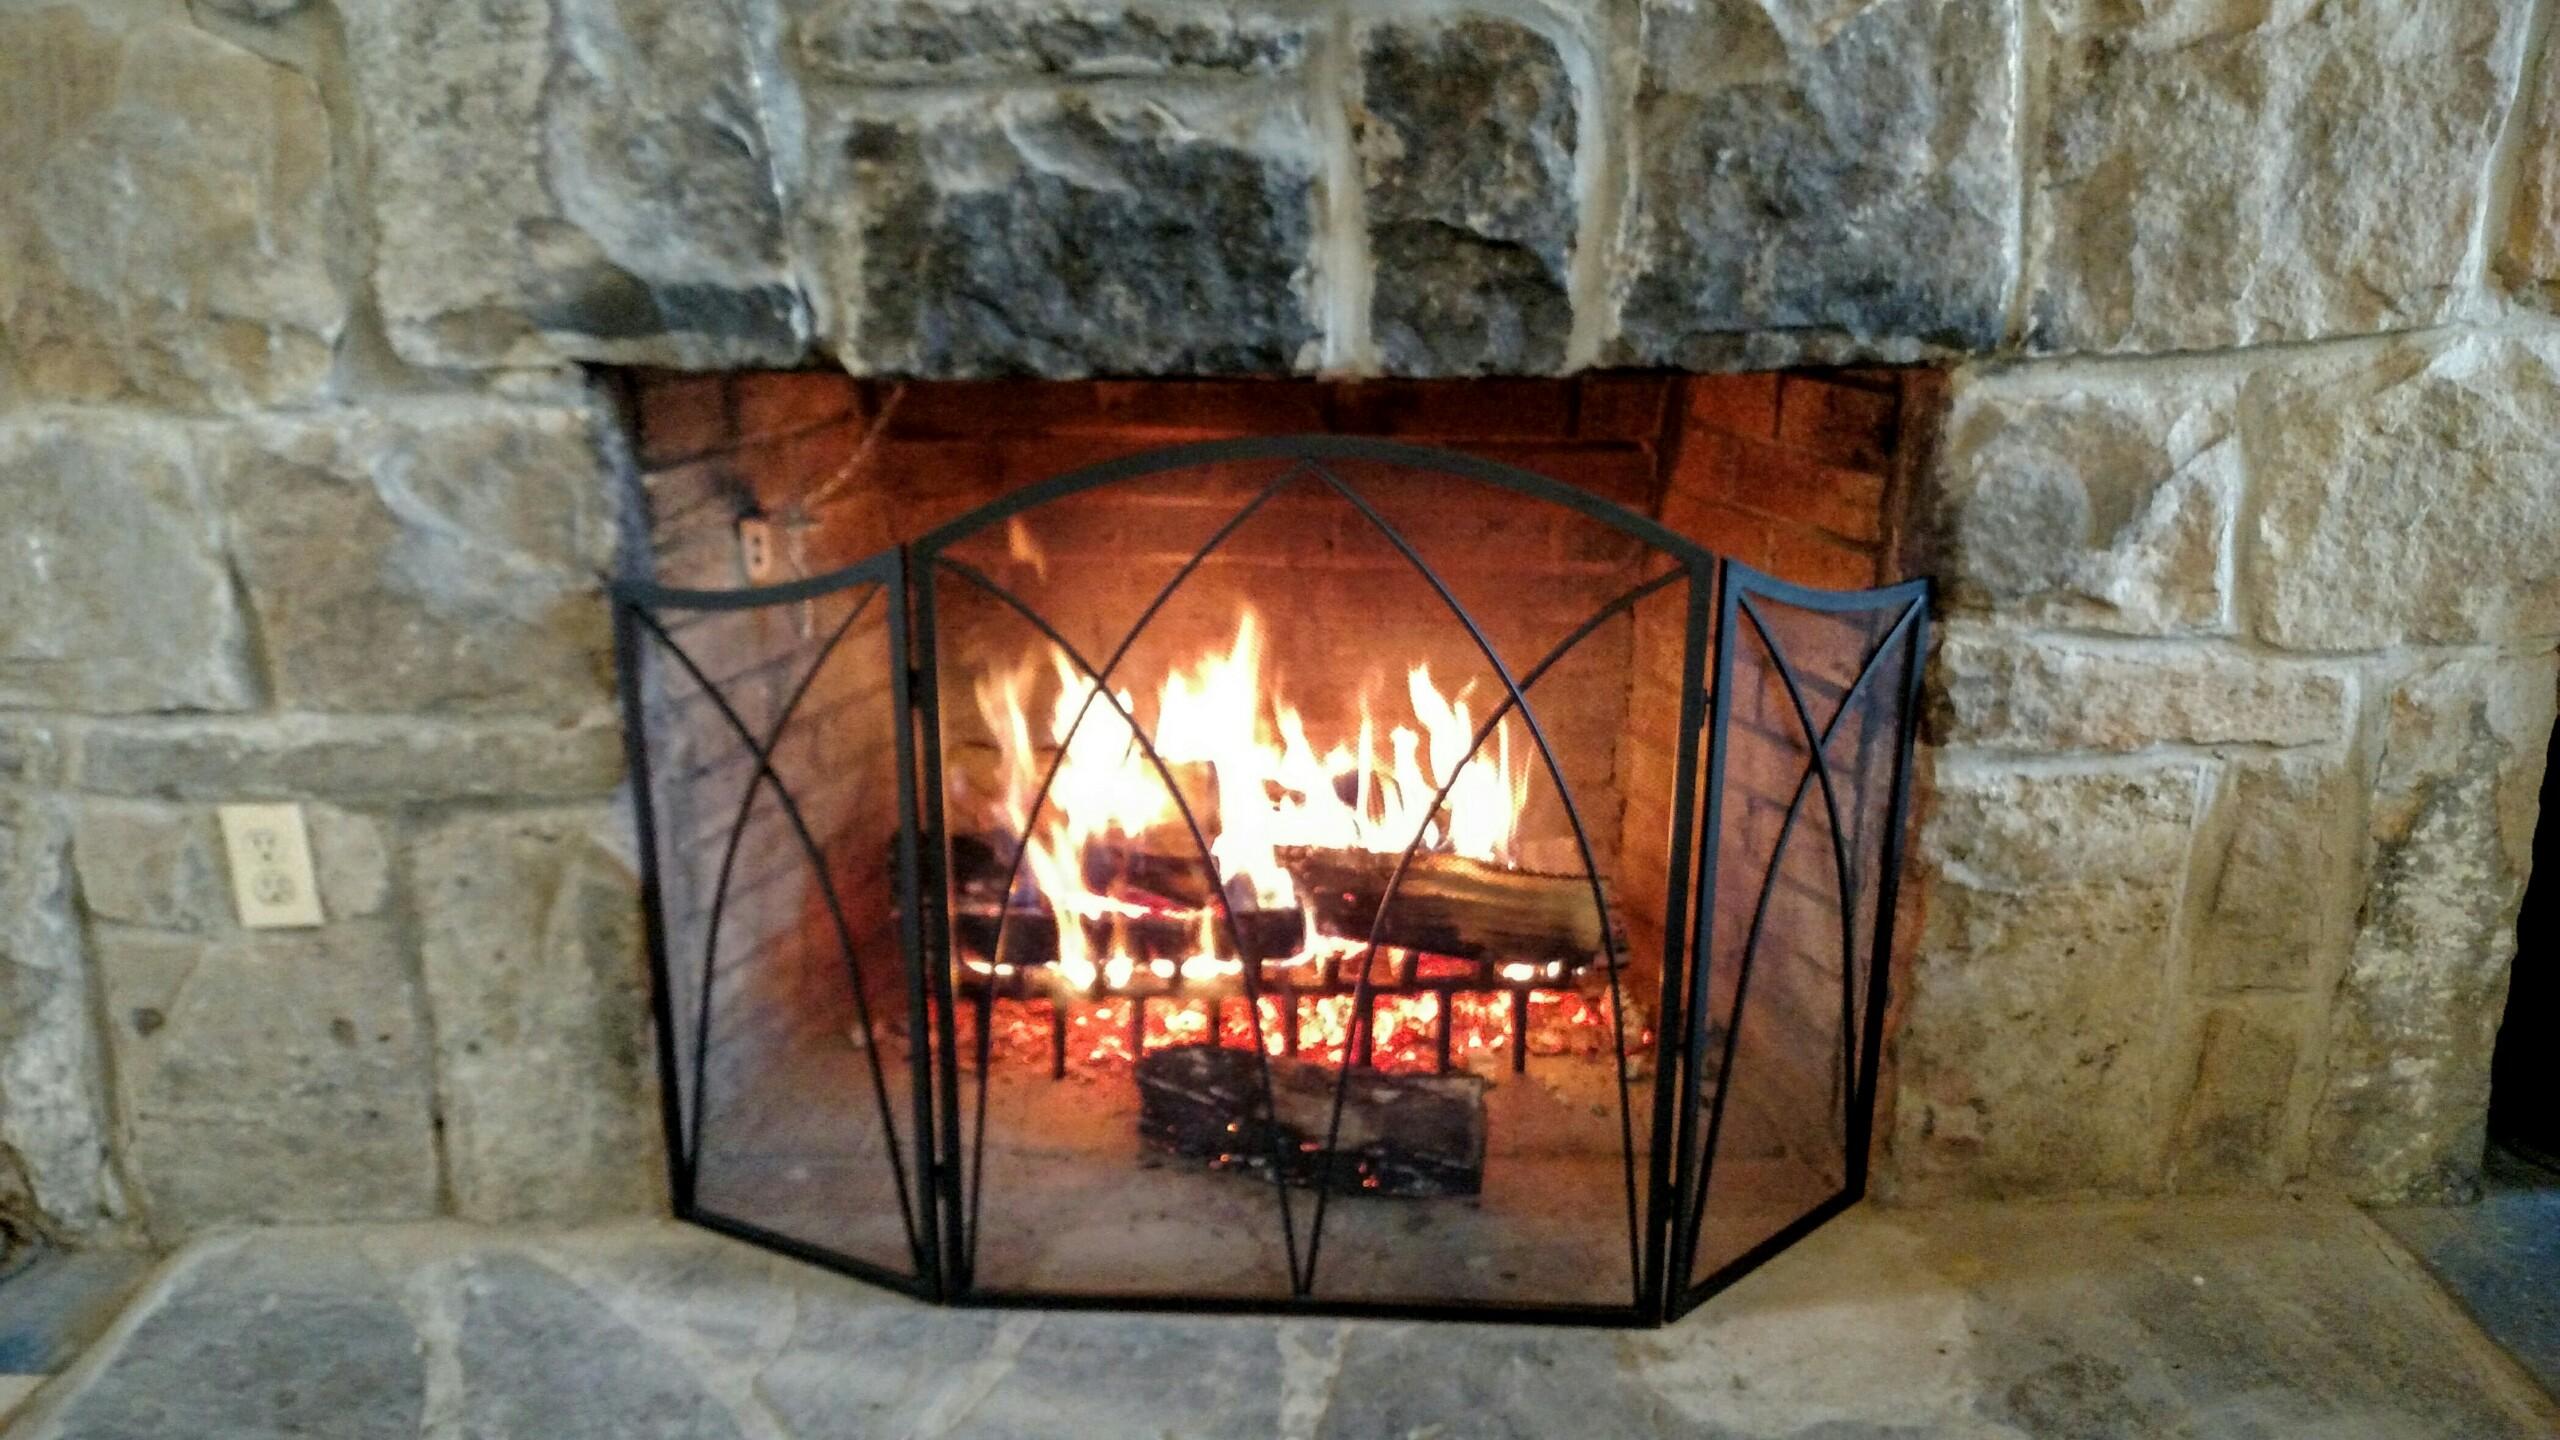 A-frame fireplace